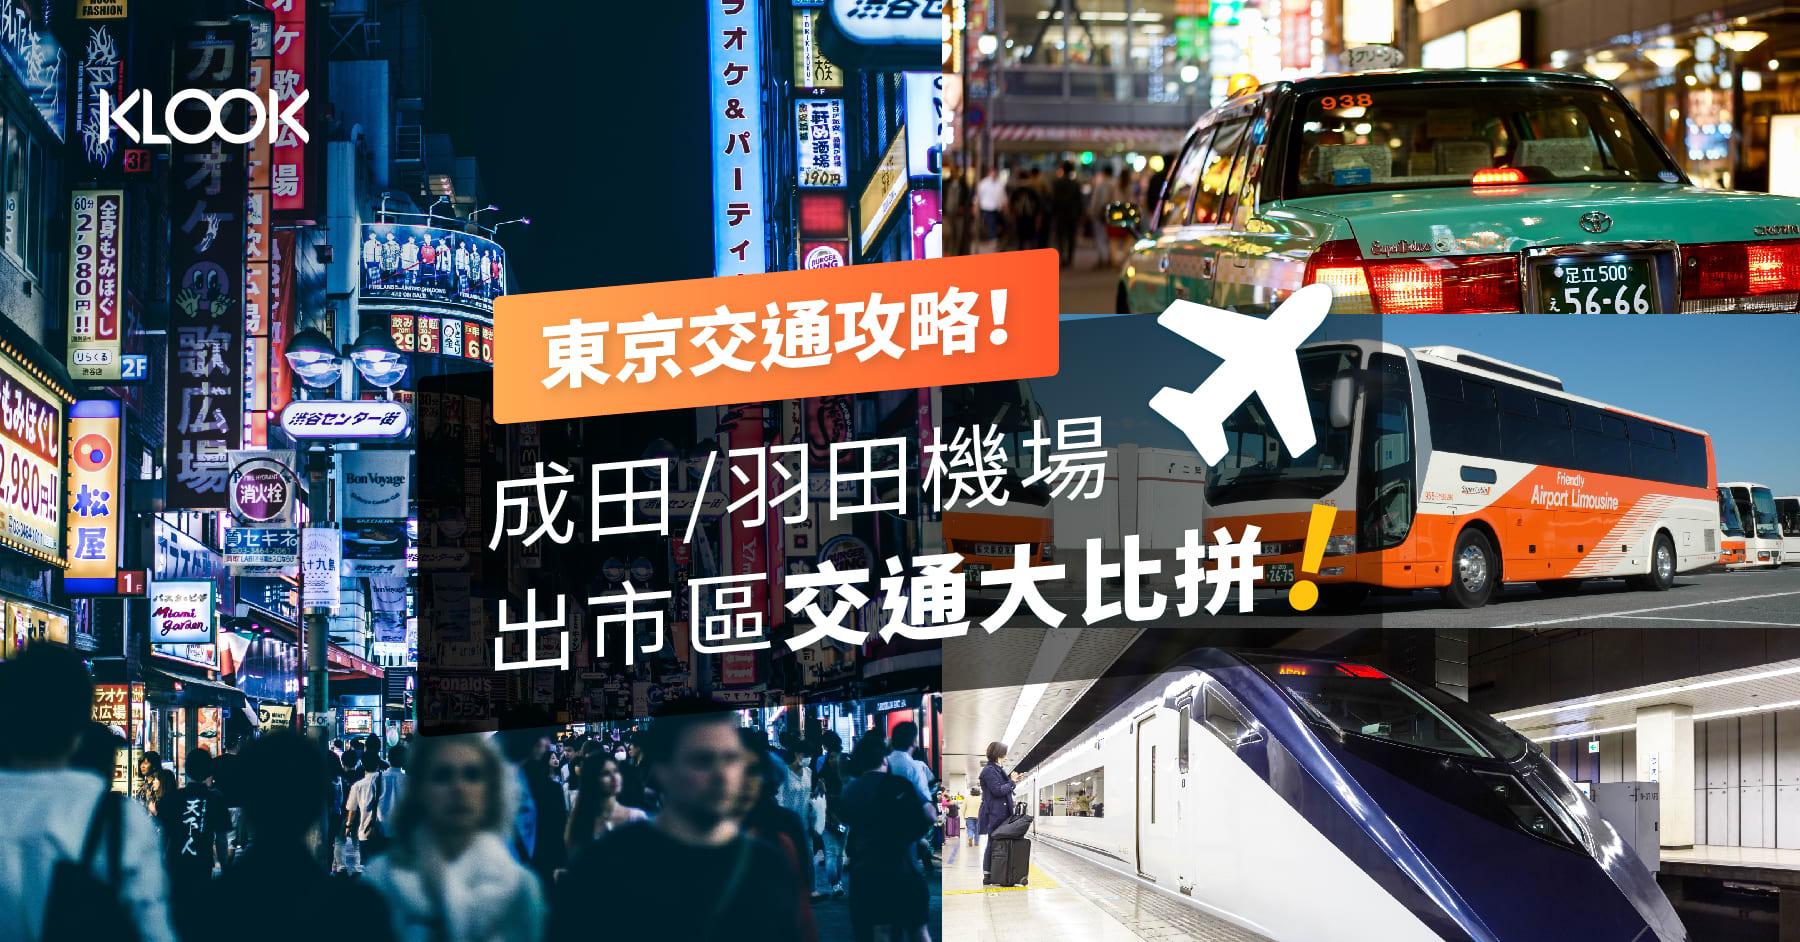 190522 Blog banner Tokyo tran